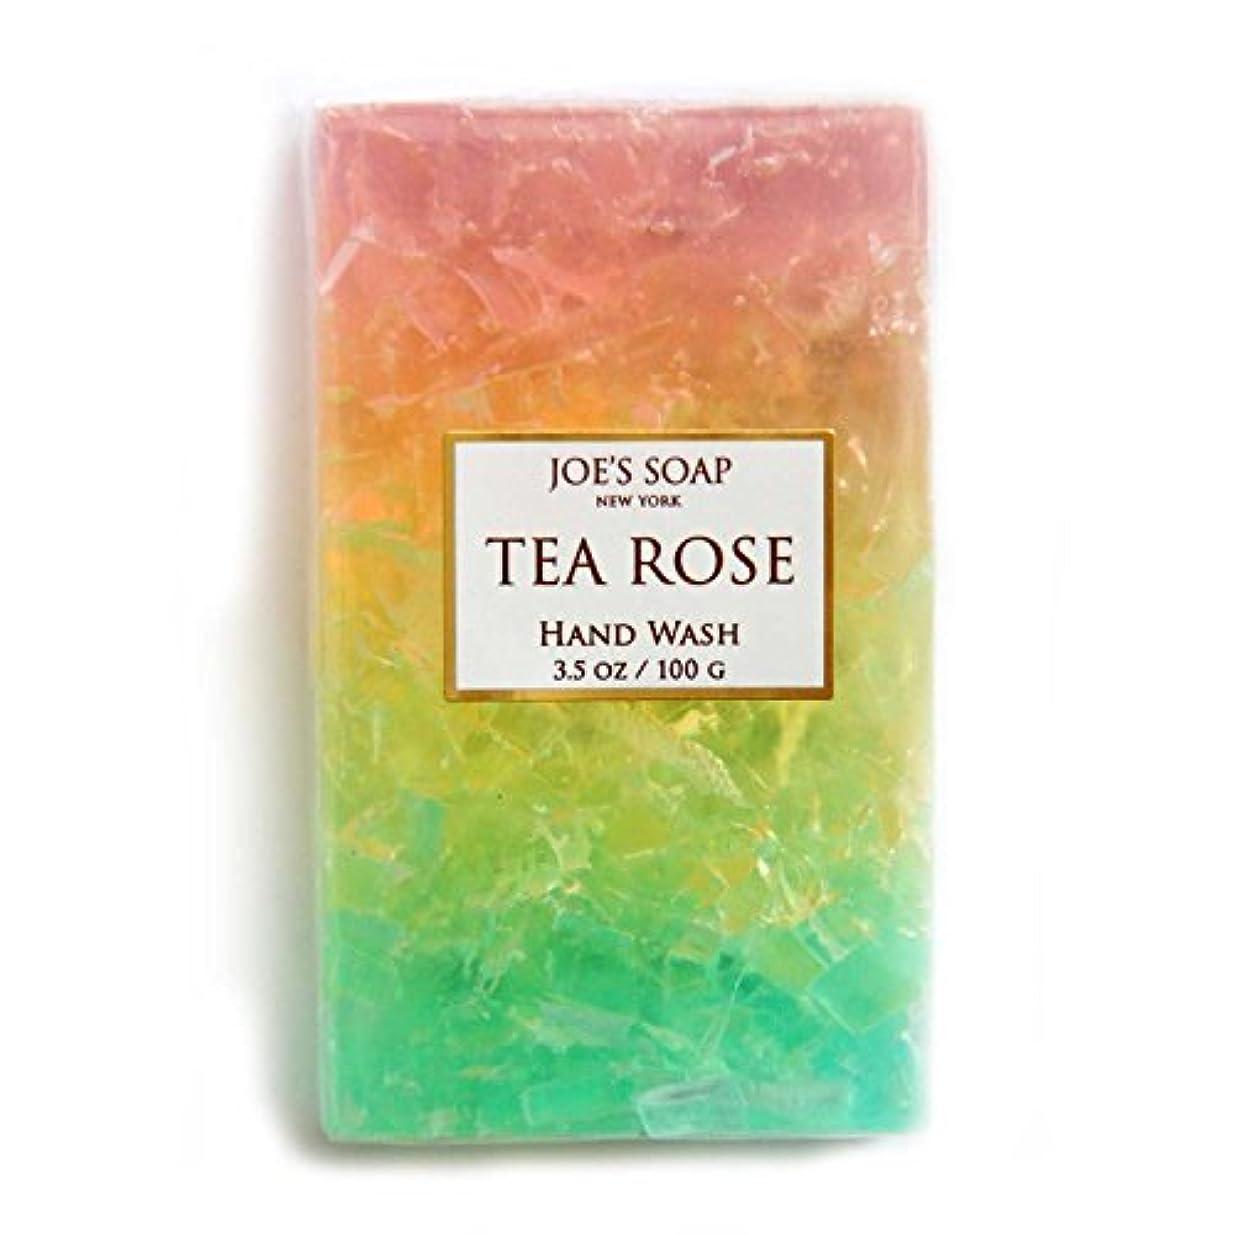 ソファー眉をひそめる動員するJOE'S SOAP ジョーズソープ グラスソープ 100g 石けん ボディソープ 洗顔料 せっけん 固形 ギフト